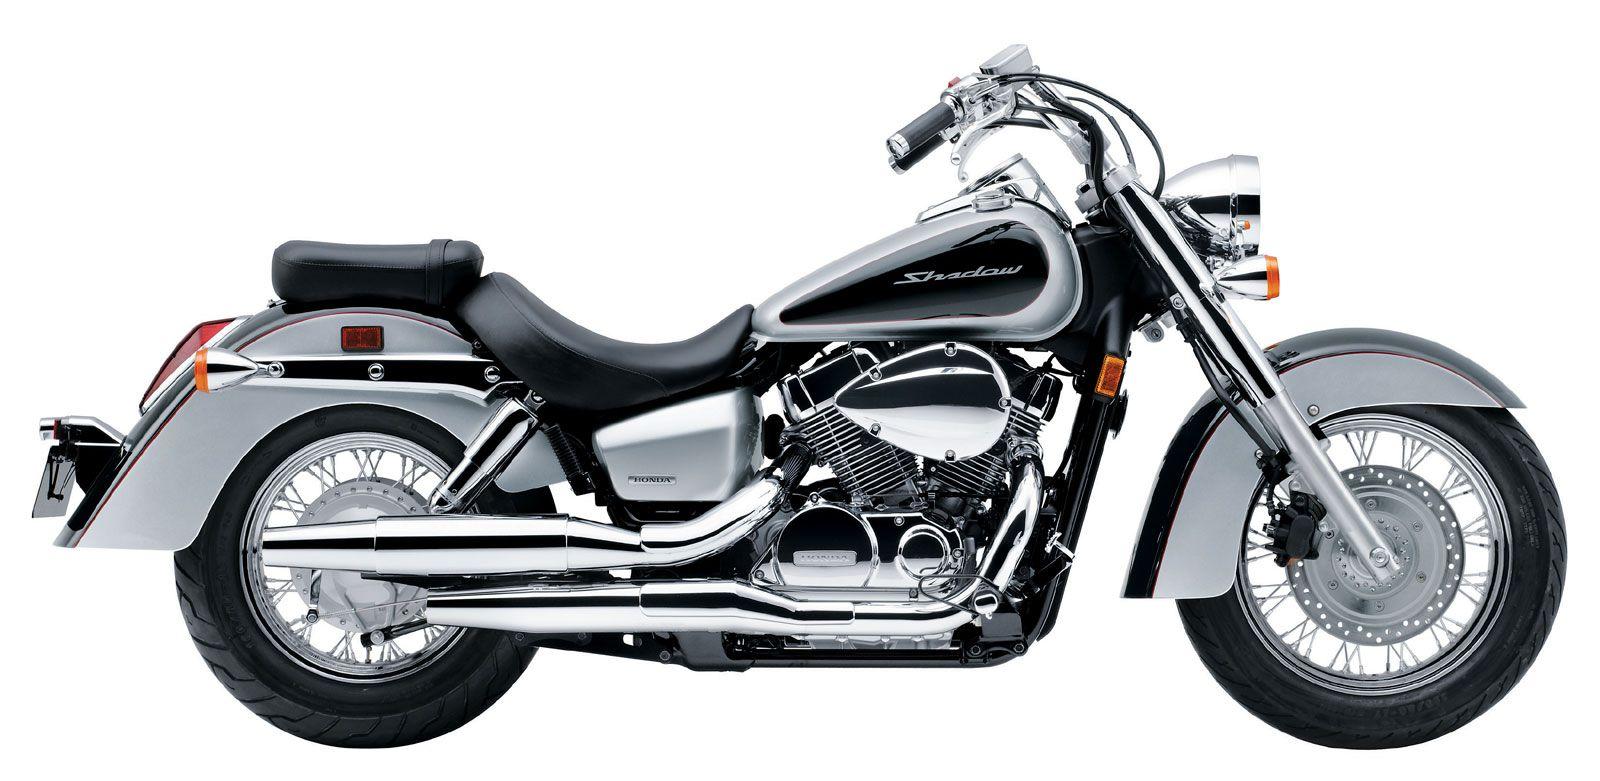 2008 Honda VT750C Shadow Aero Honda Motorcycles, Honda Cars, Honda Shadow,  Repair Manuals